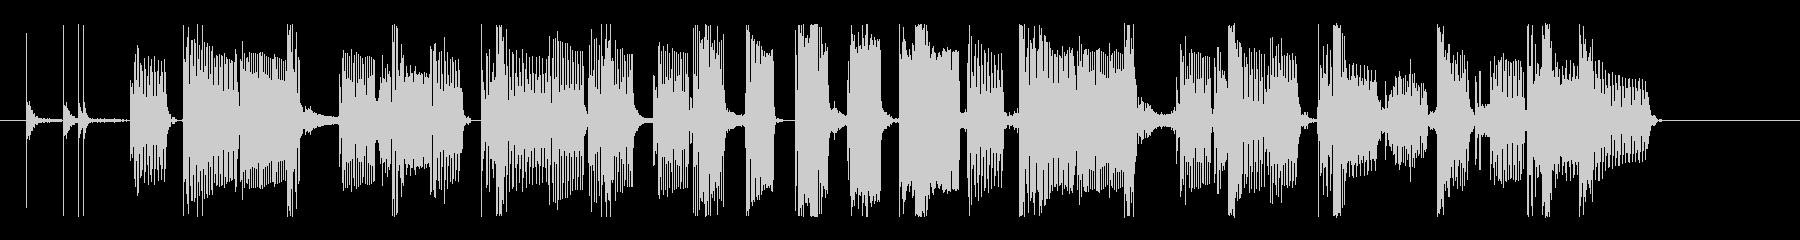 クールなベース&グルーヴィなリズムのロゴの未再生の波形